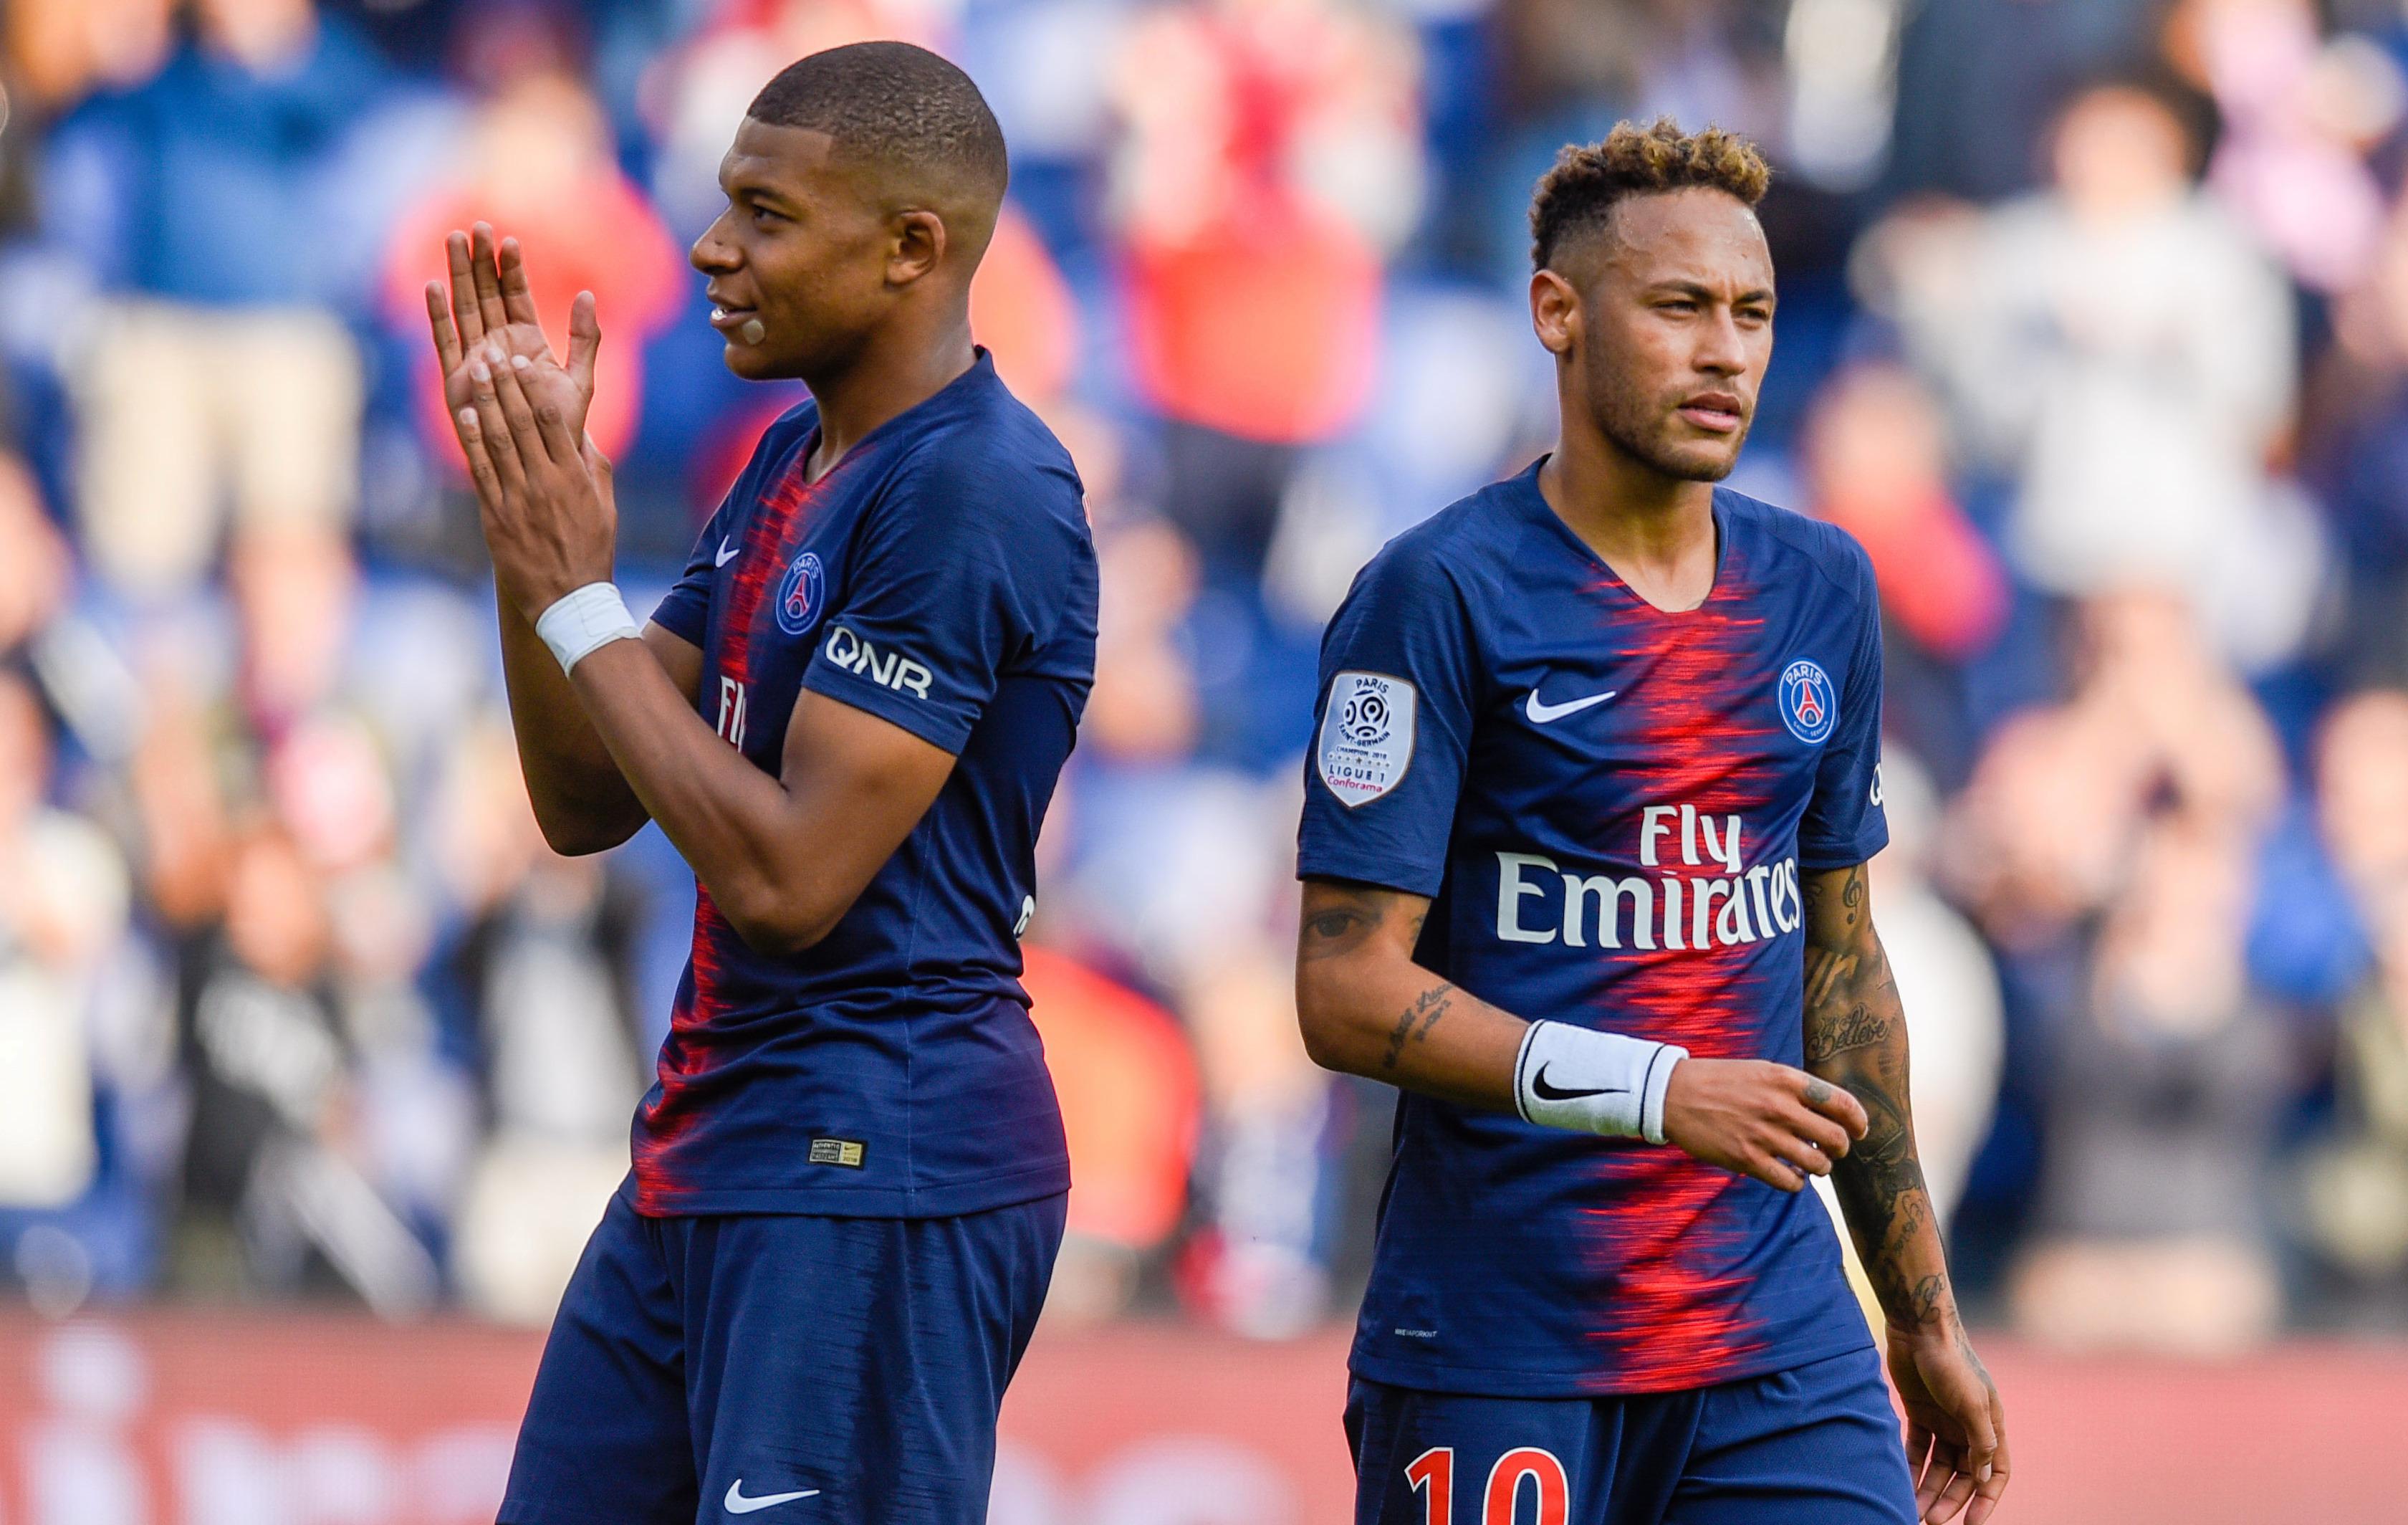 Football - Transferts - Le journal du mercato : Real Madrid, une enveloppe de 372 millions pour Mbappe ou Neymar ?